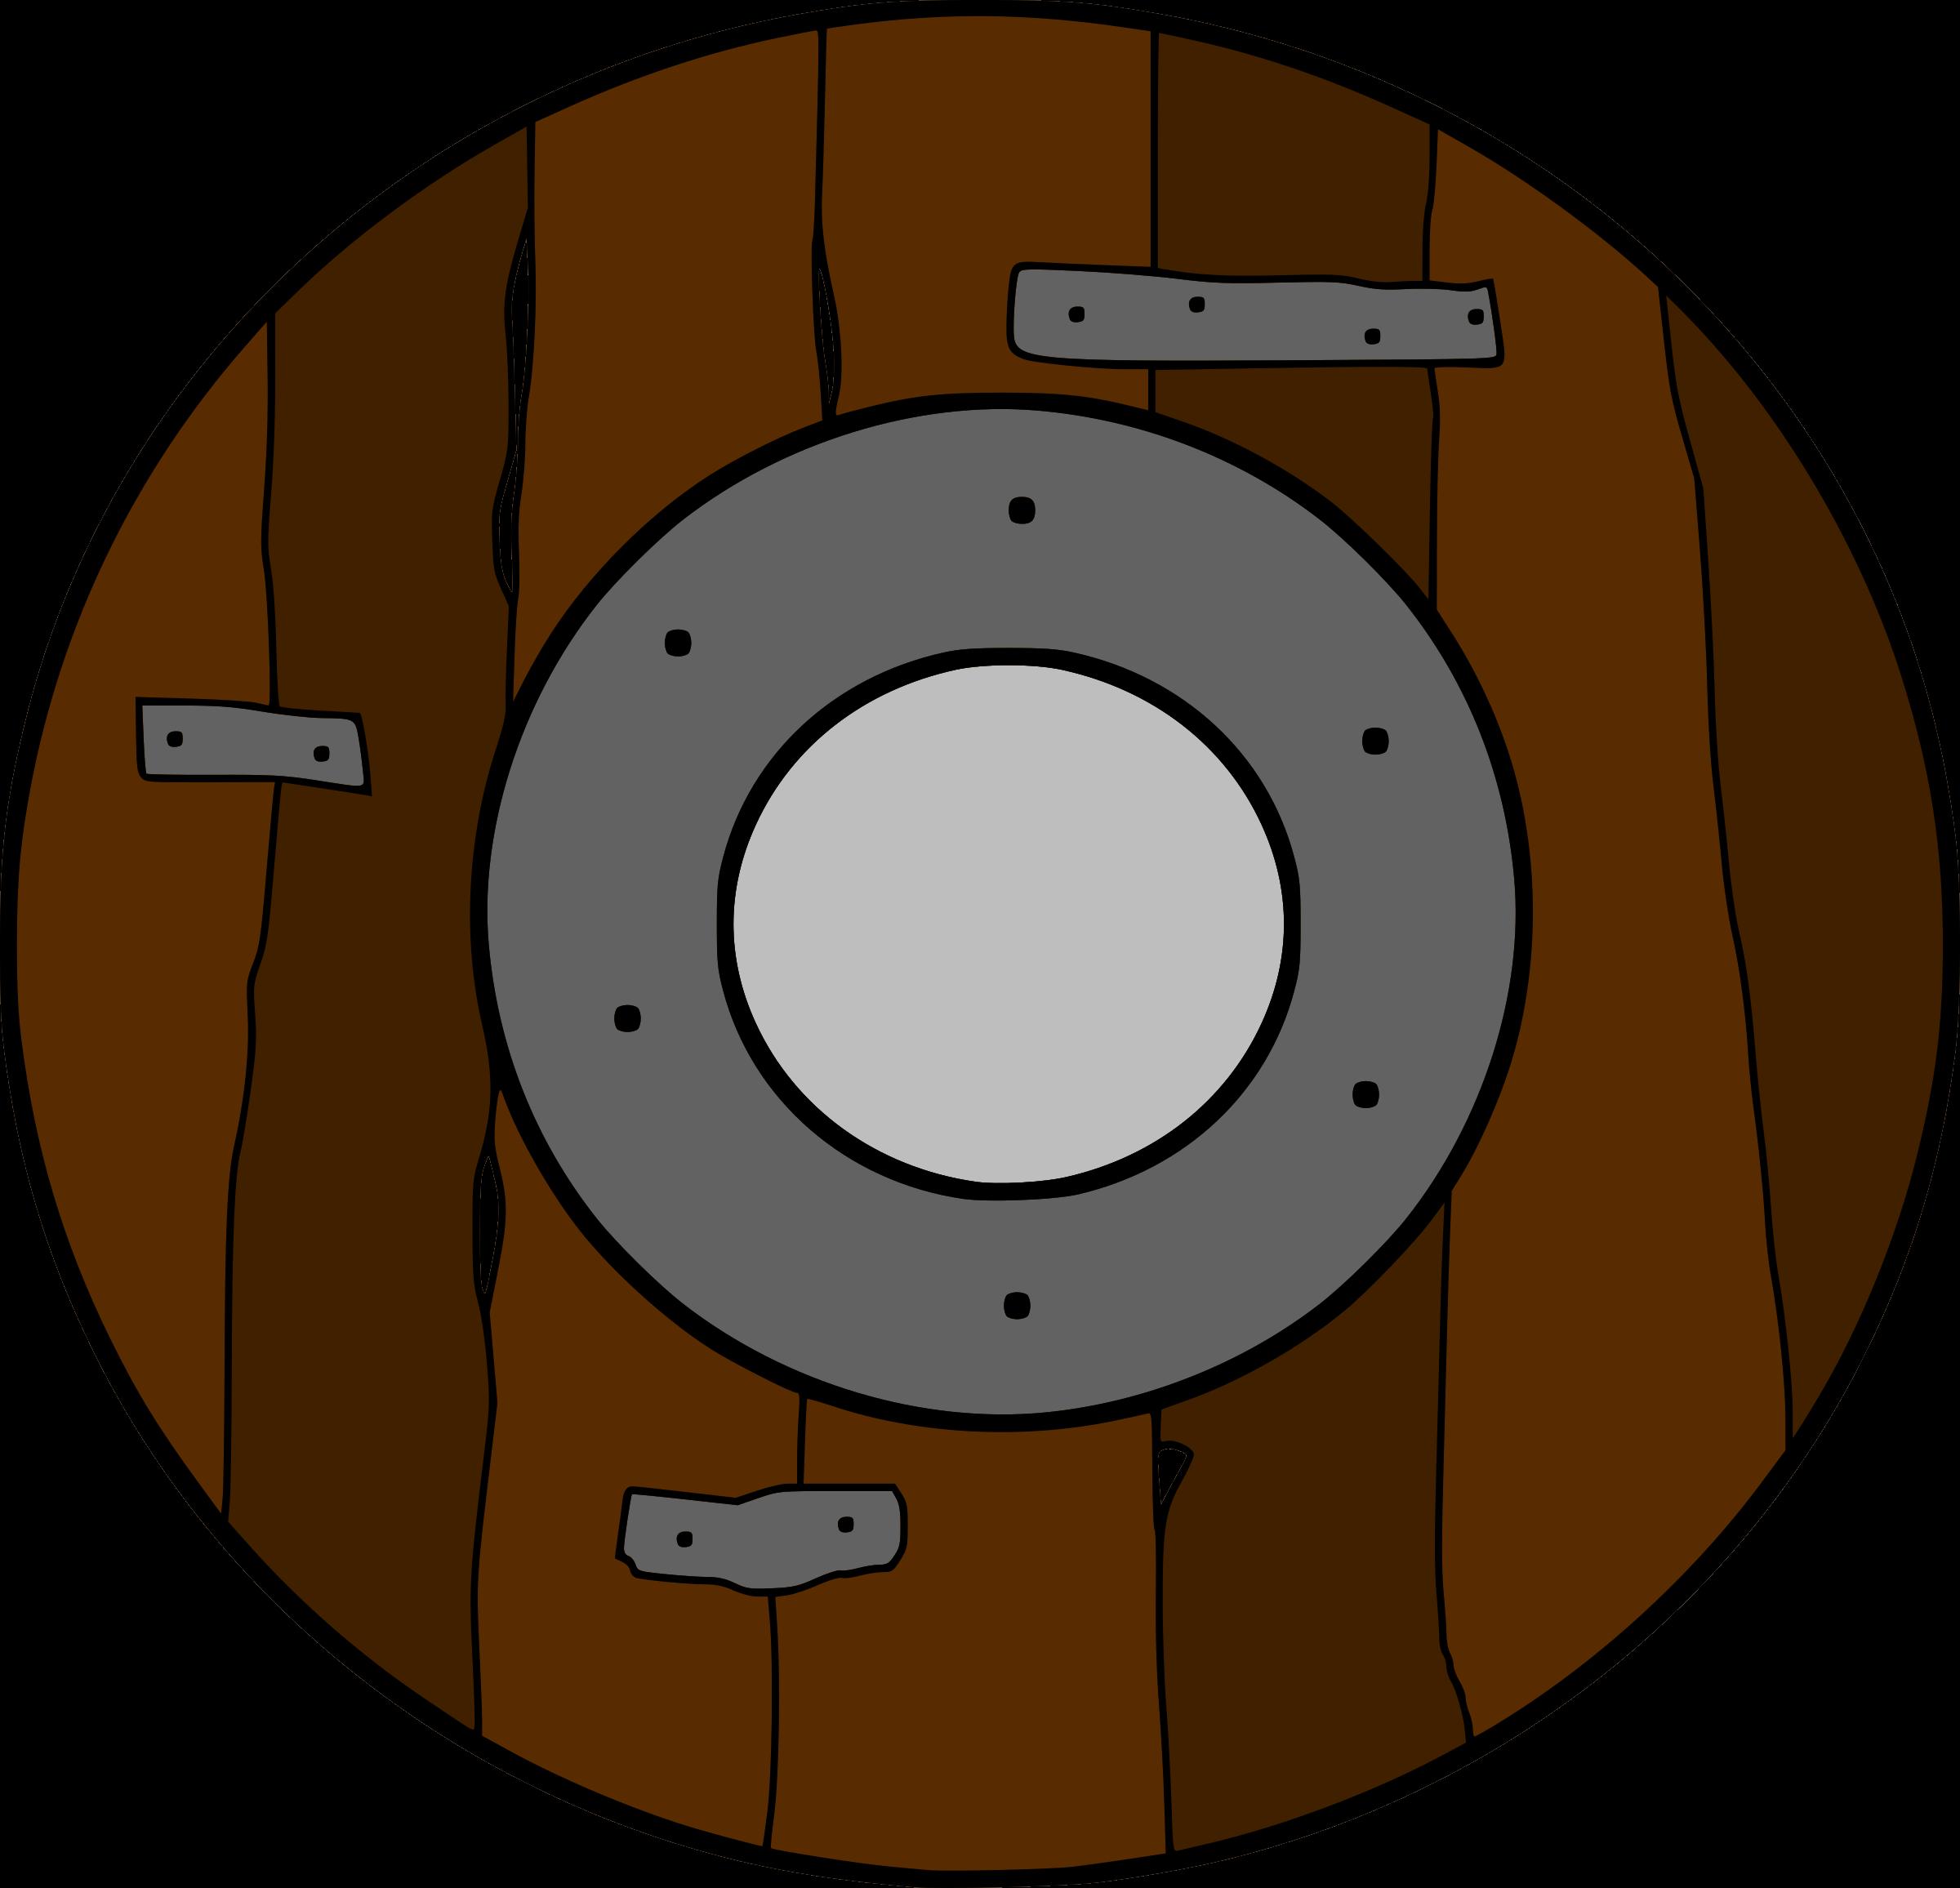 Wheel clipart wooden wheel. Buckler big image png